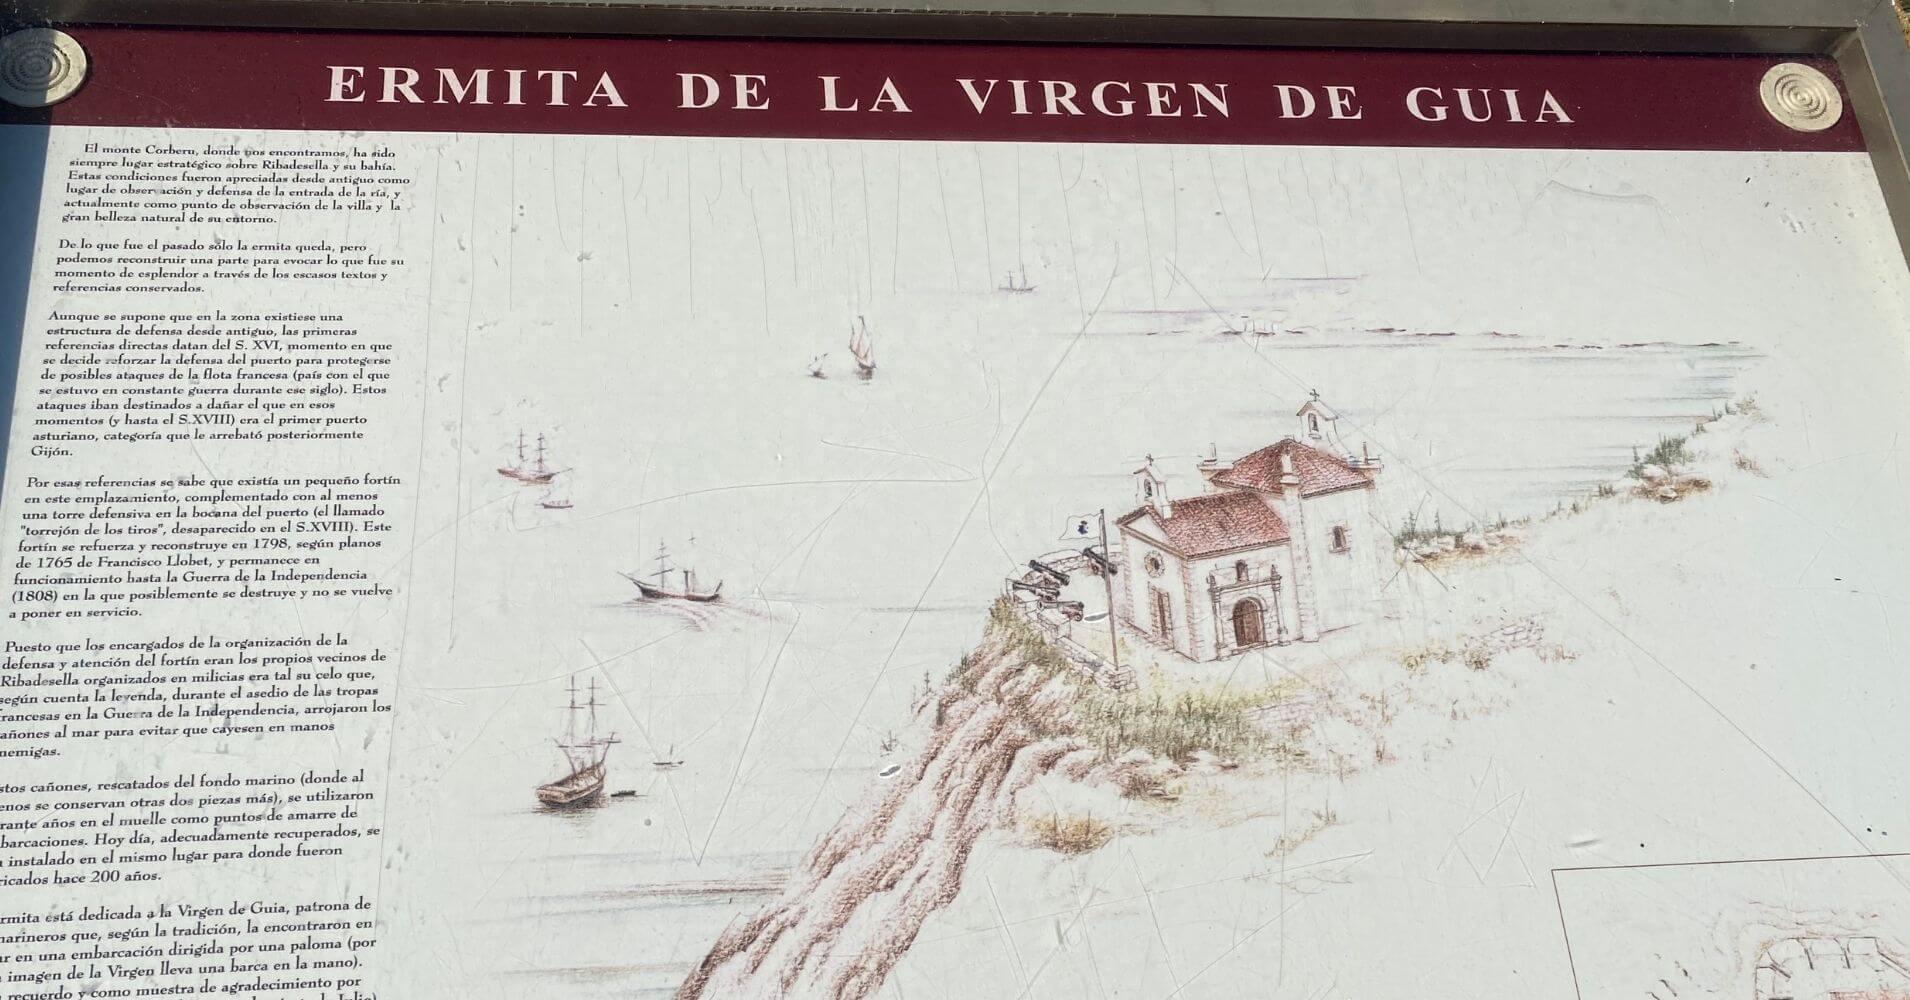 Panel Informativo Ermita de la Virgen de la Guía. Ribadesllla, Asturias.